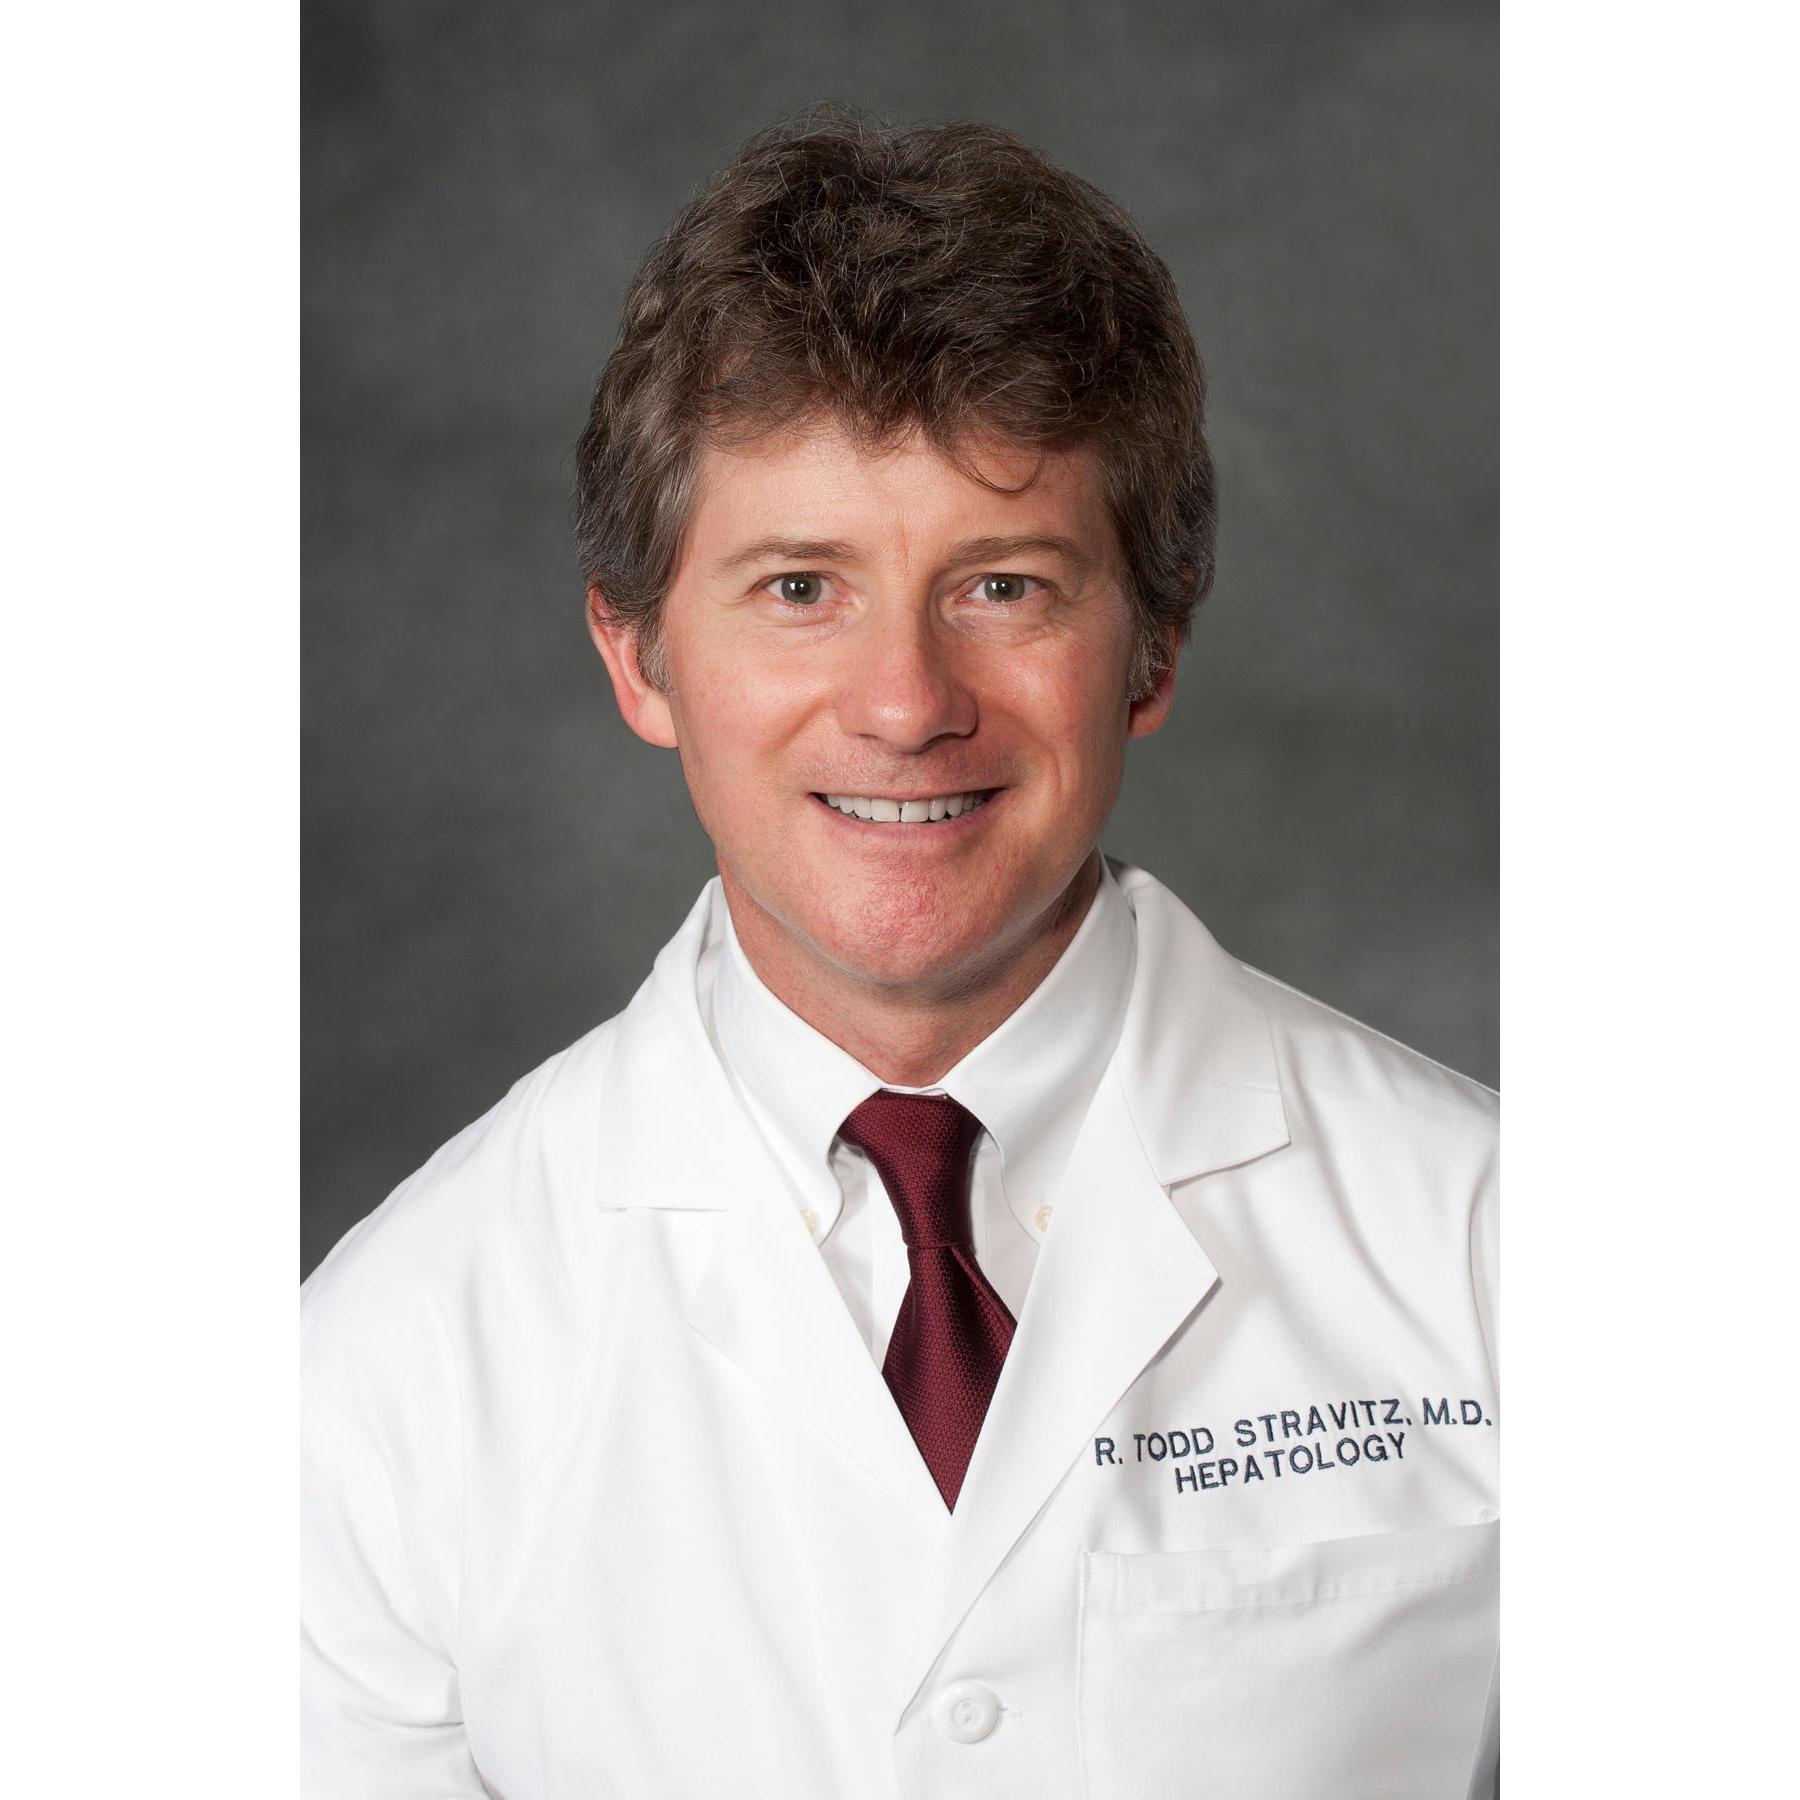 Richard Stravitz, MD